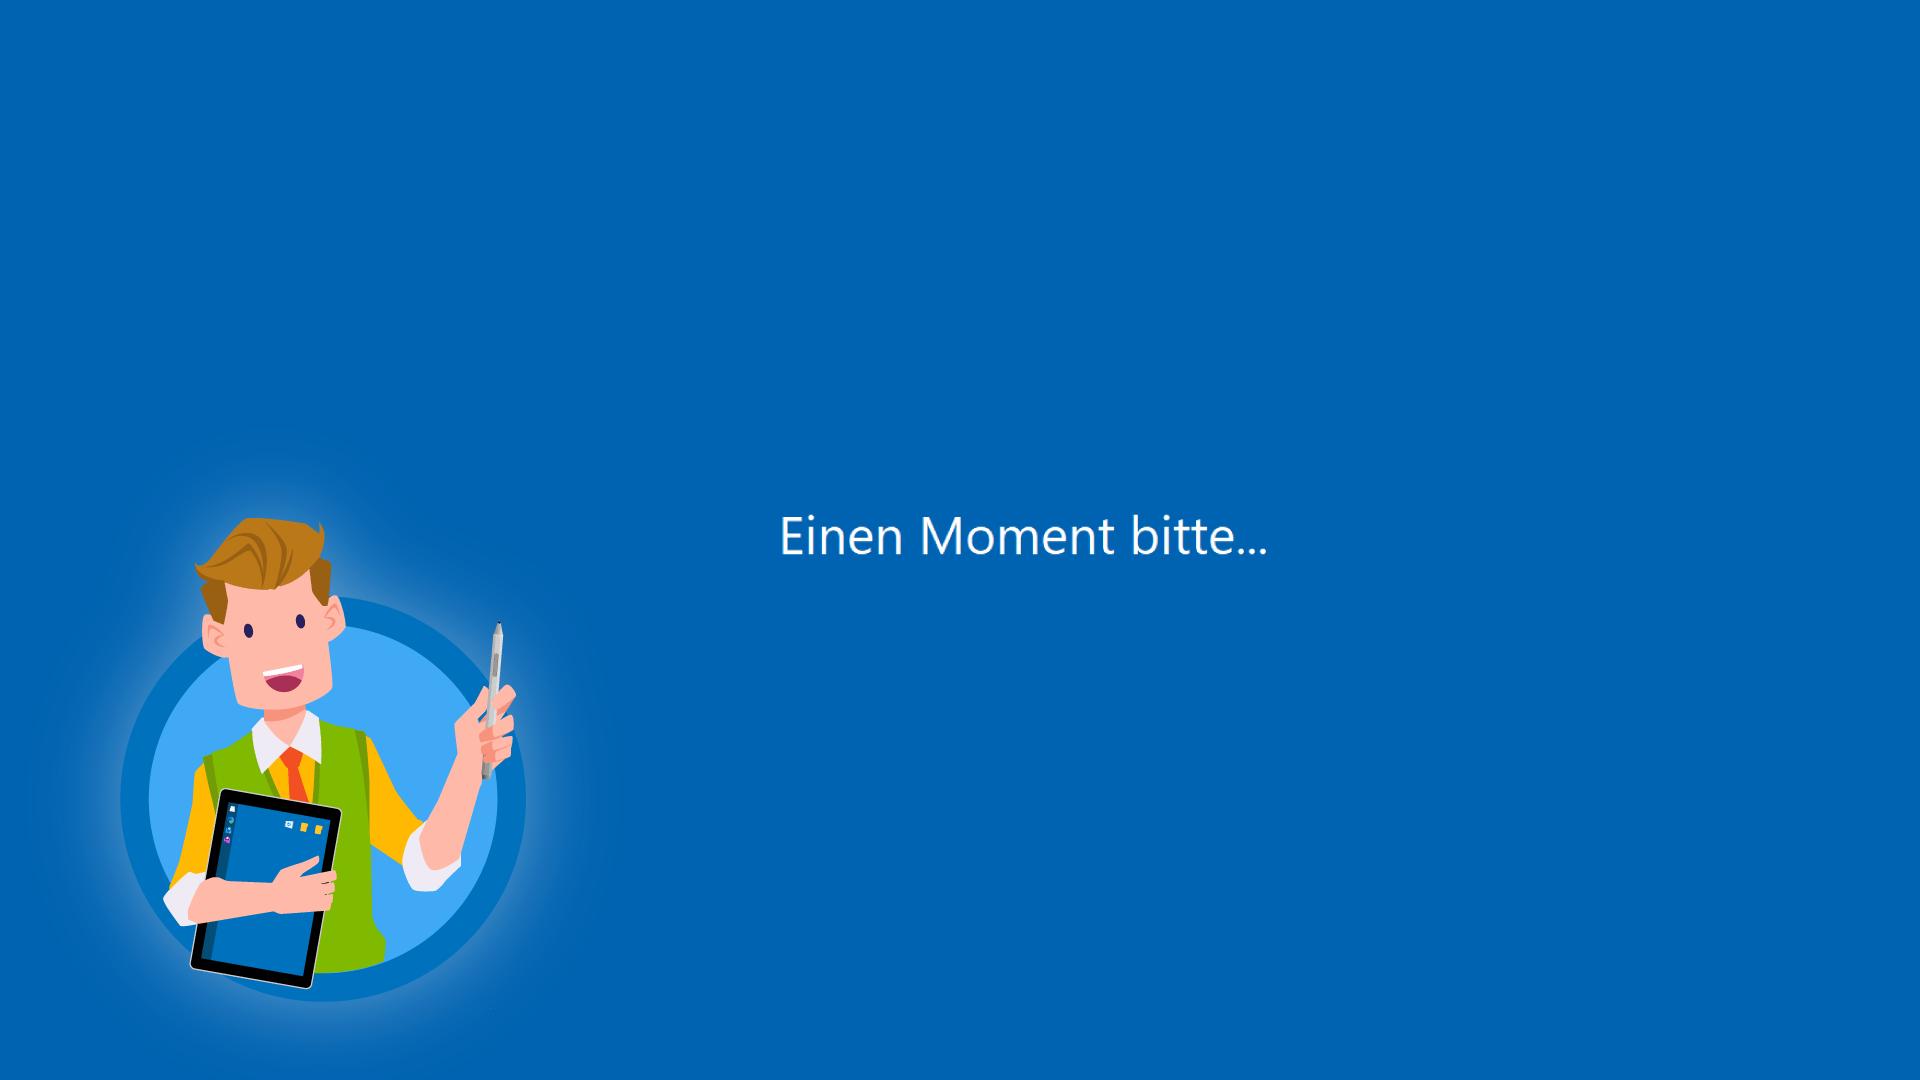 Windows 10 einrichten - Teaser